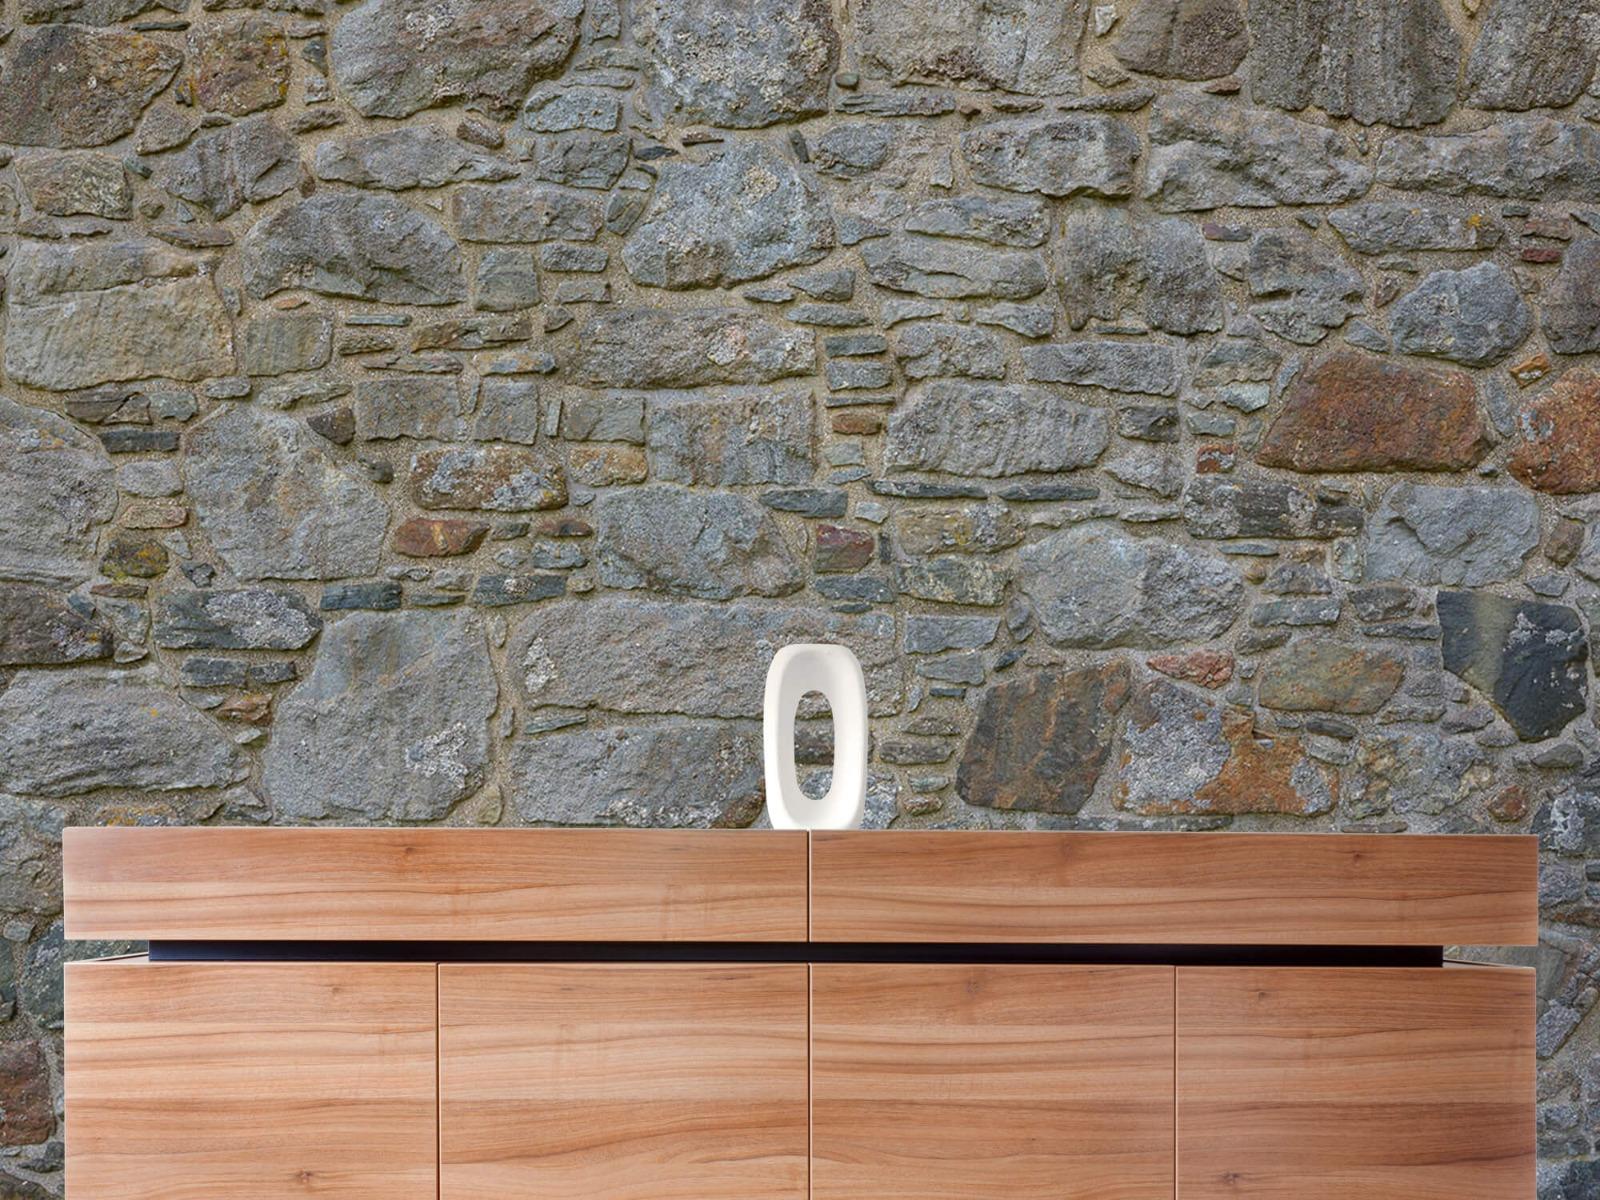 Papier peint en pierre - Mur de pierre médiéval - Chambre à coucher 21